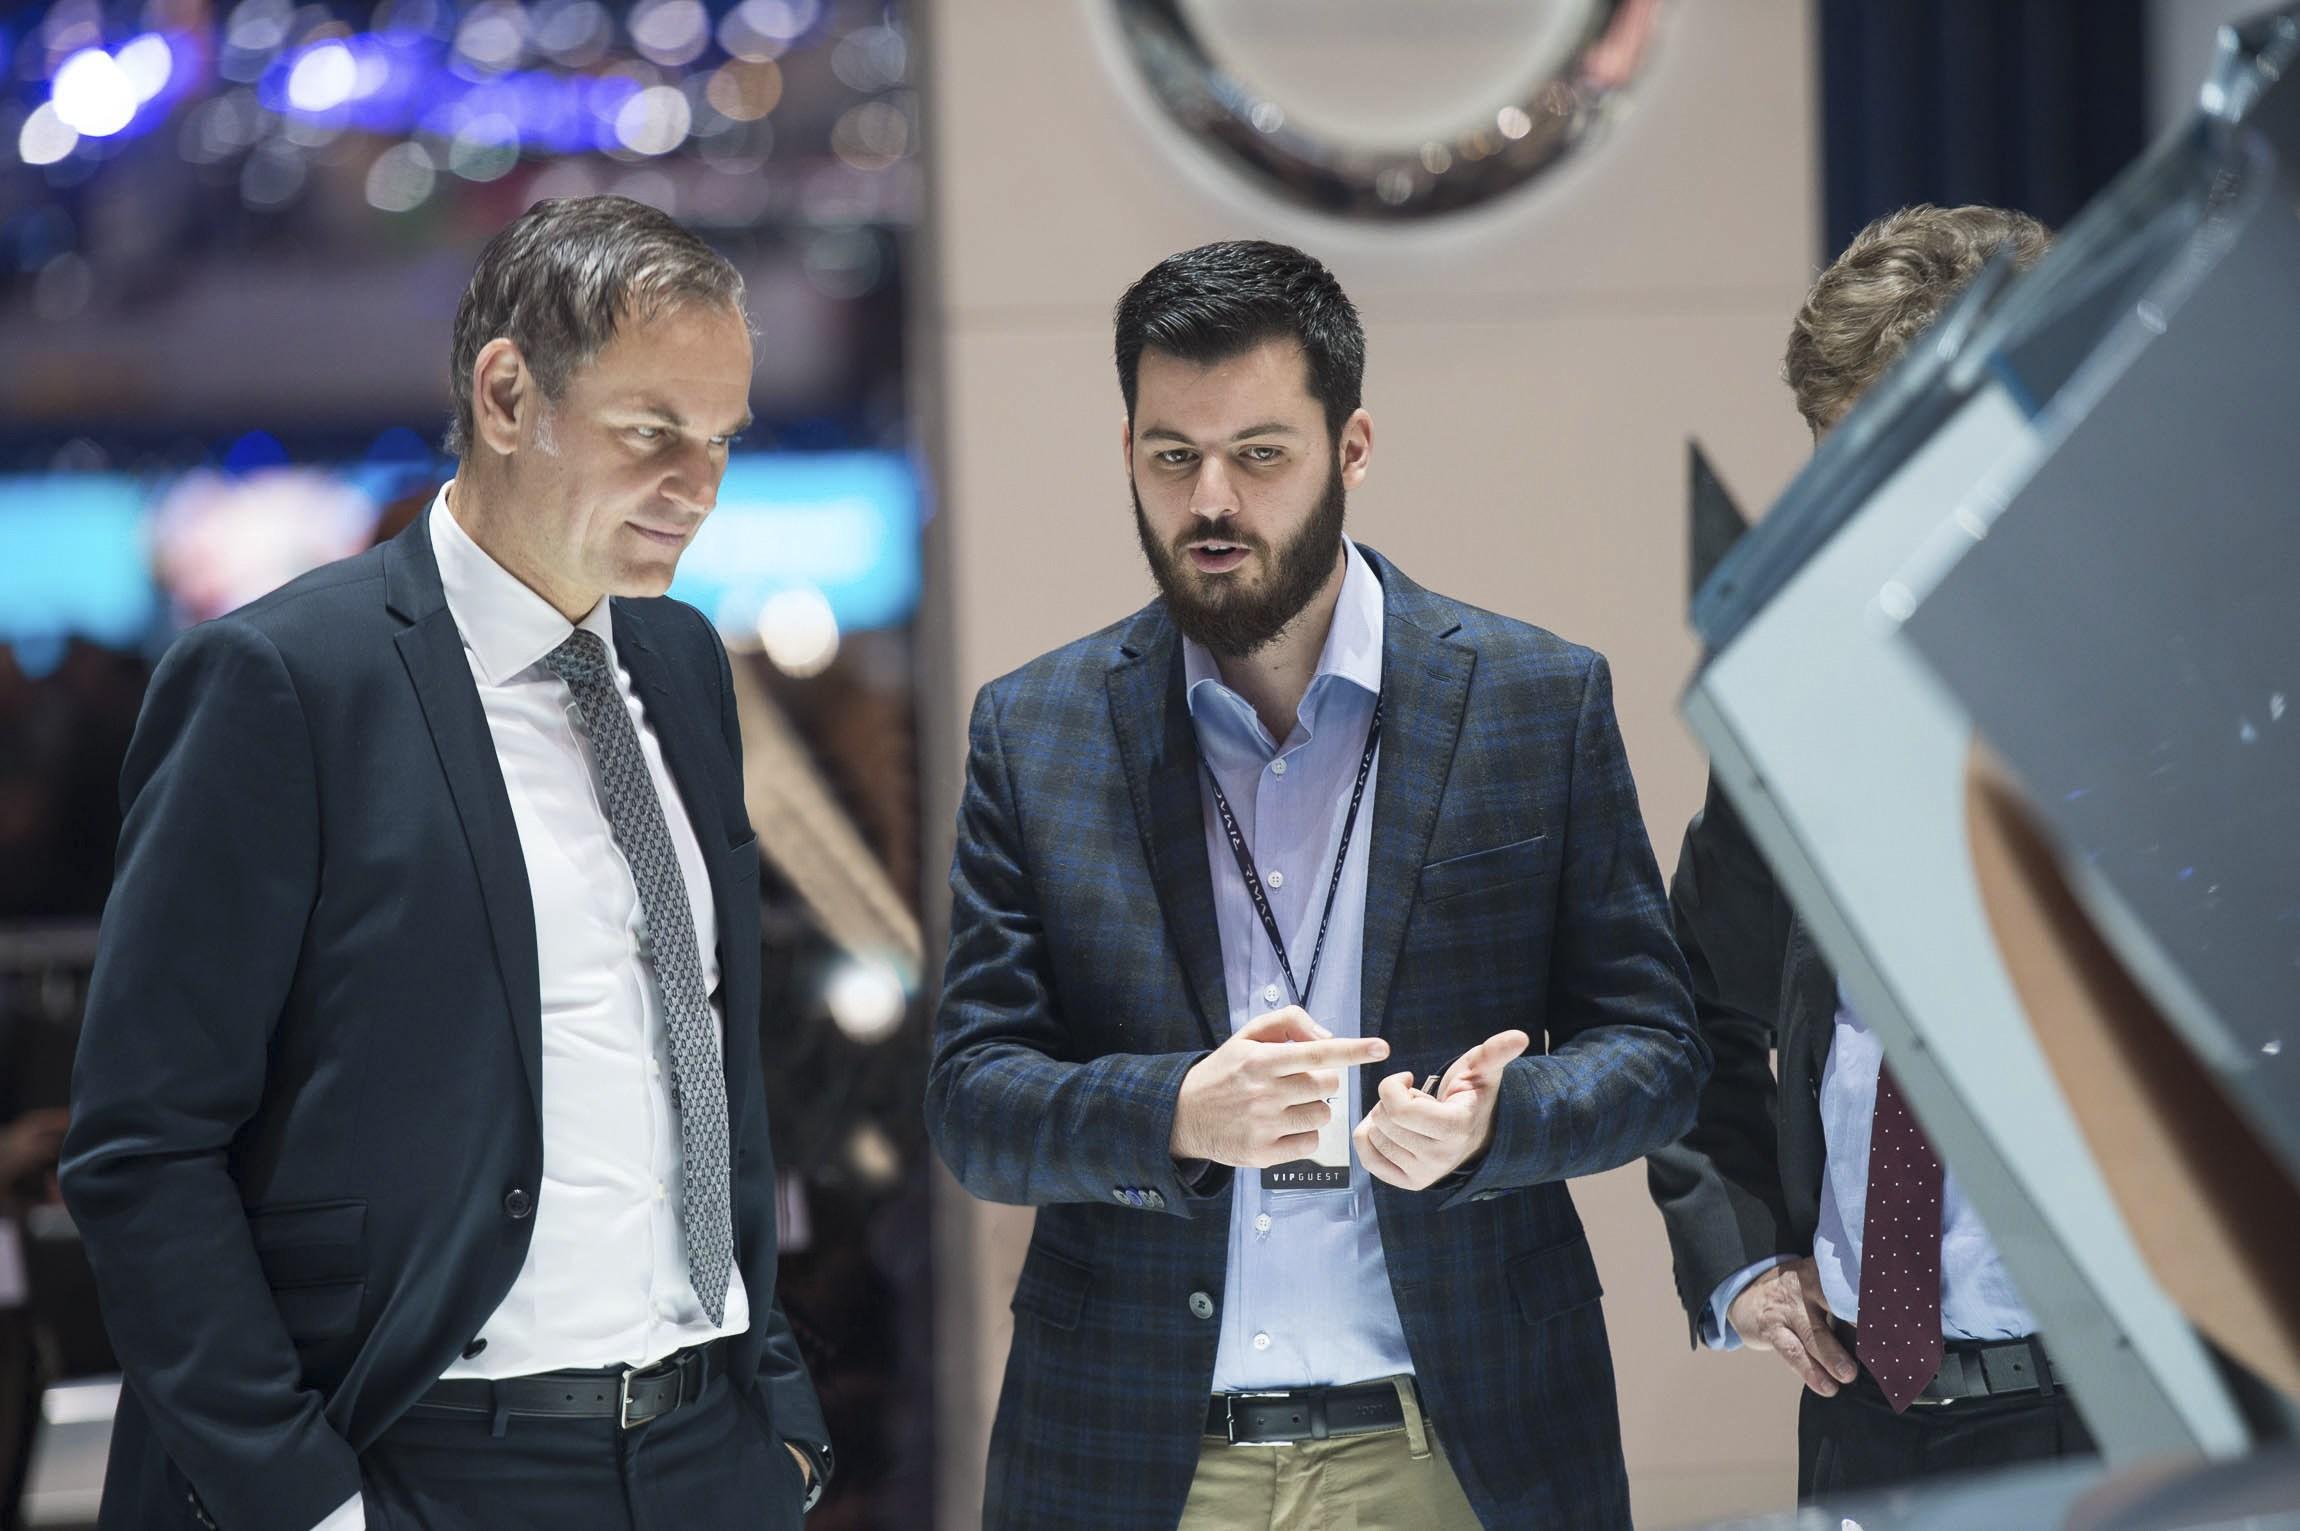 Η Porsche έχει μερίδιο συμμετοχής στην κροατική εταιρεία τεχνολογίας και sport αυτοκινήτων Rimac